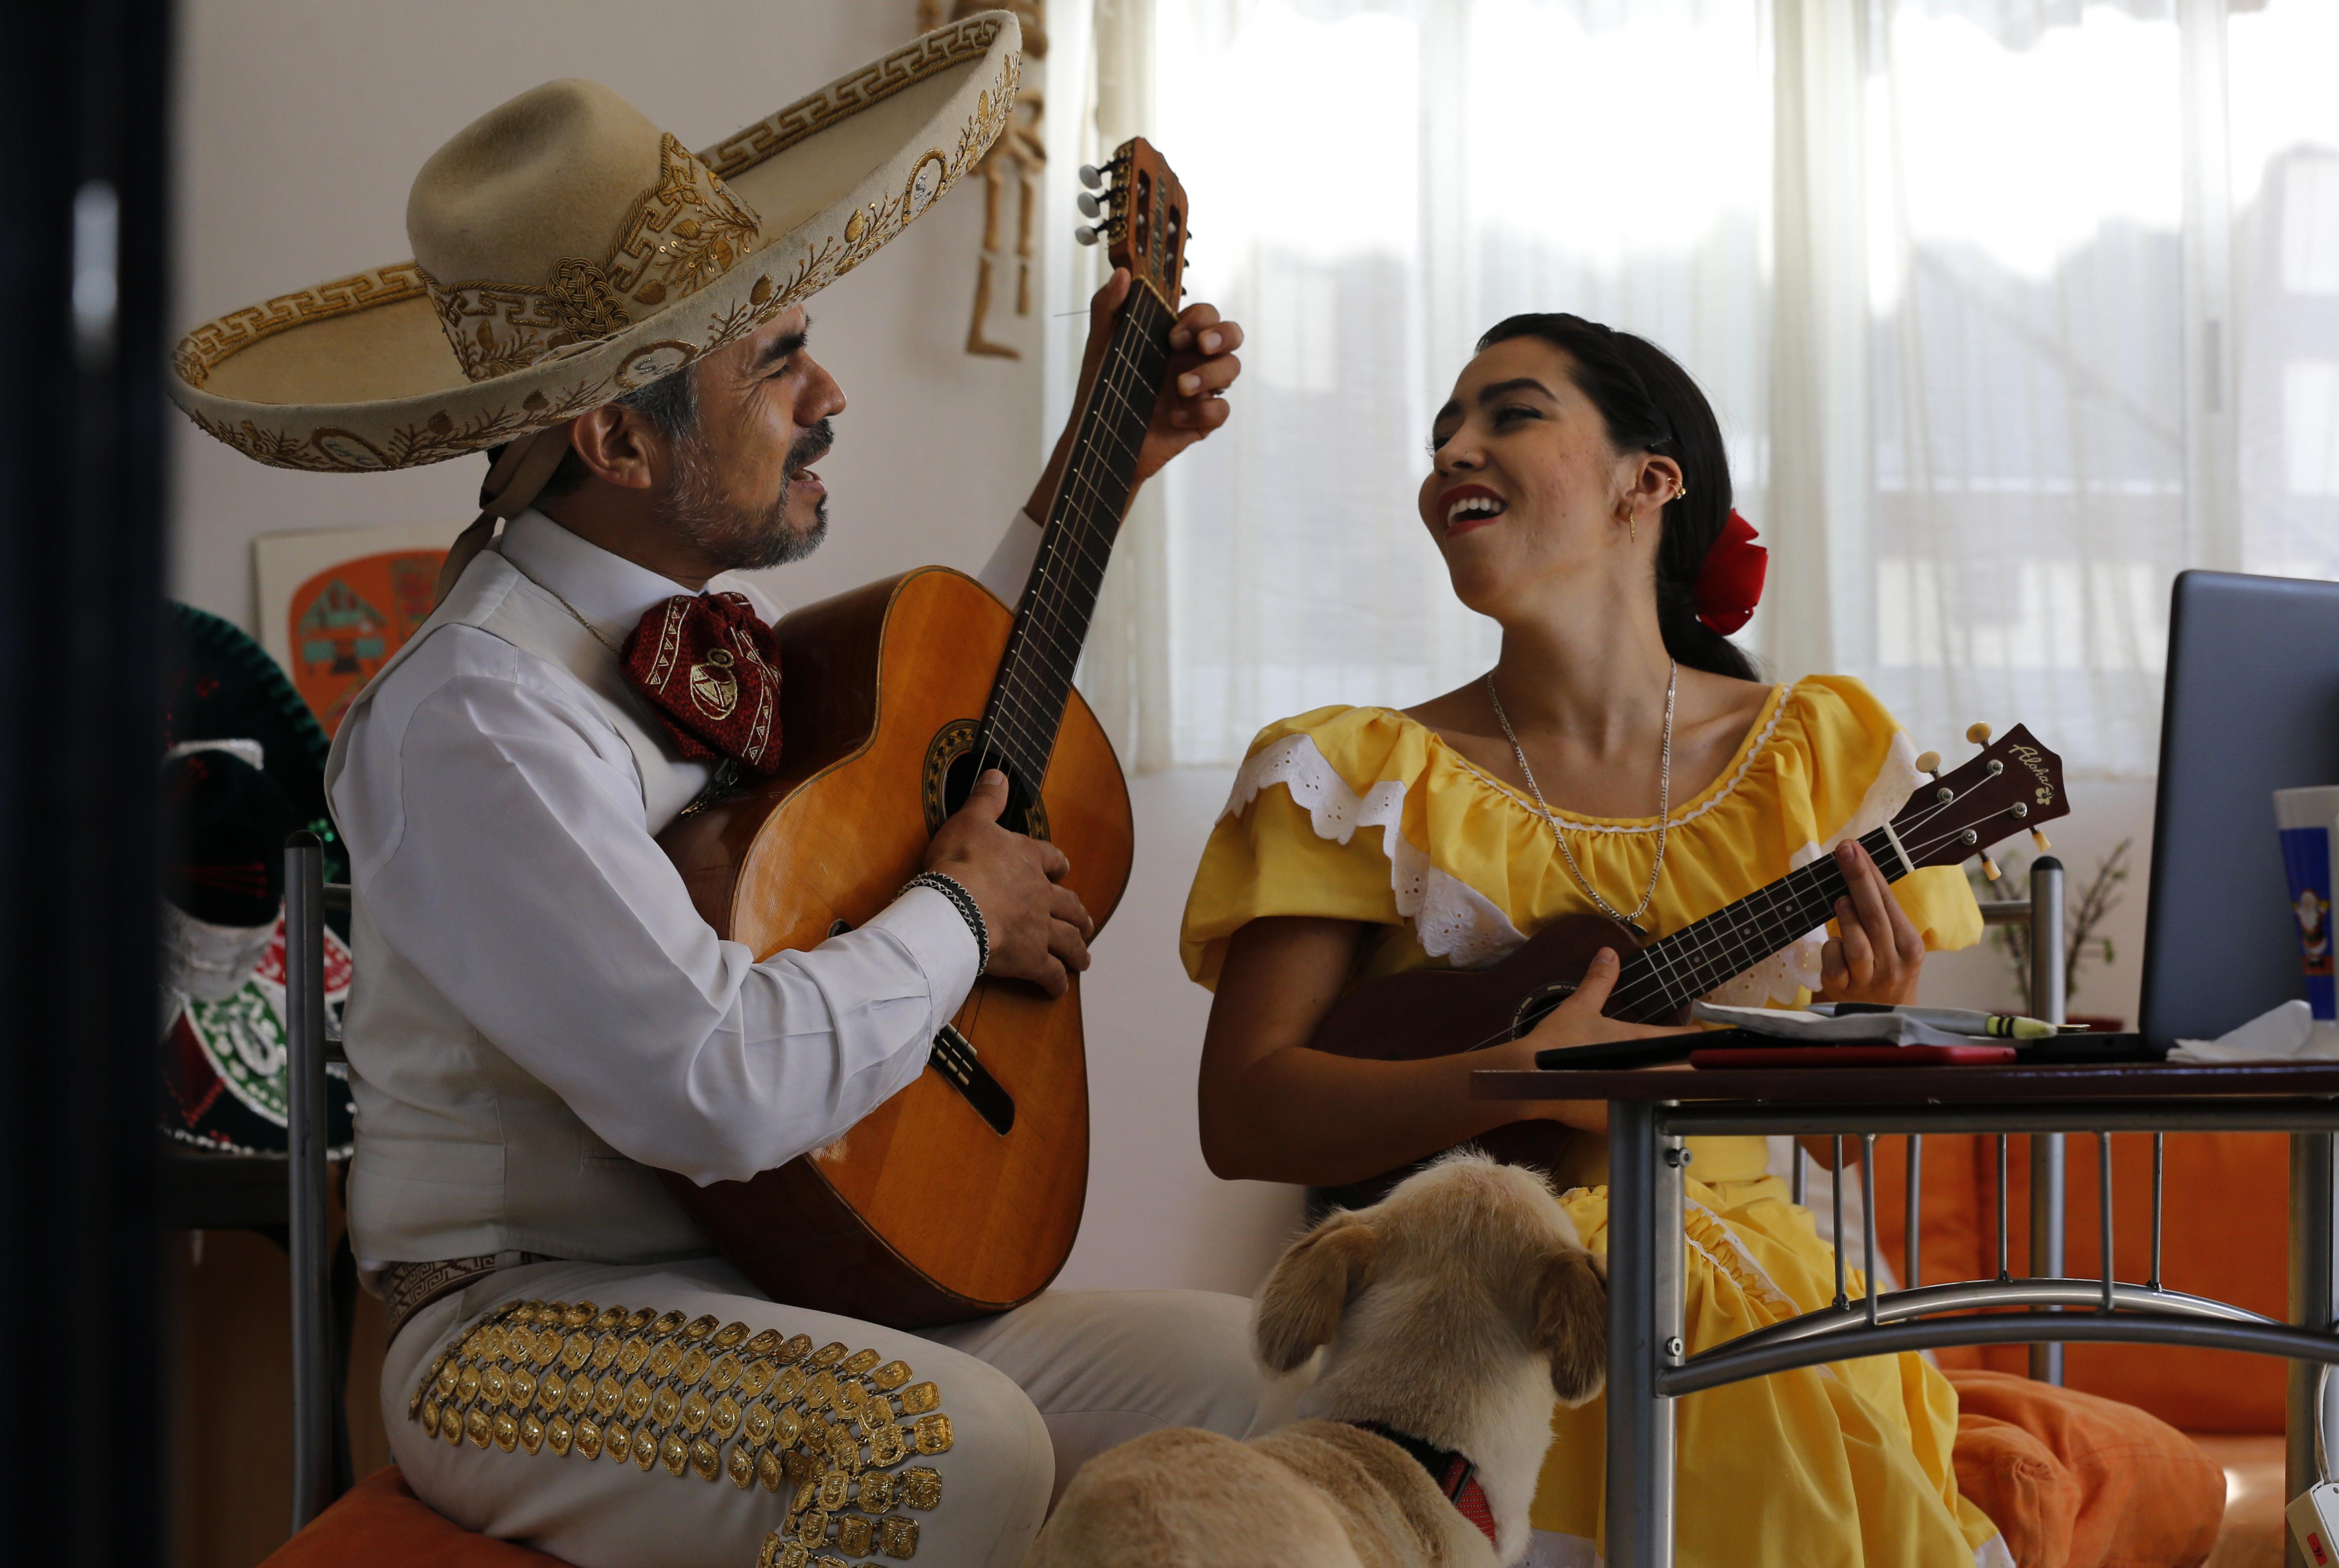 El dúo cobra el equivalente de 30$ por serenata. (Foto: AP/Marco Ugarte)